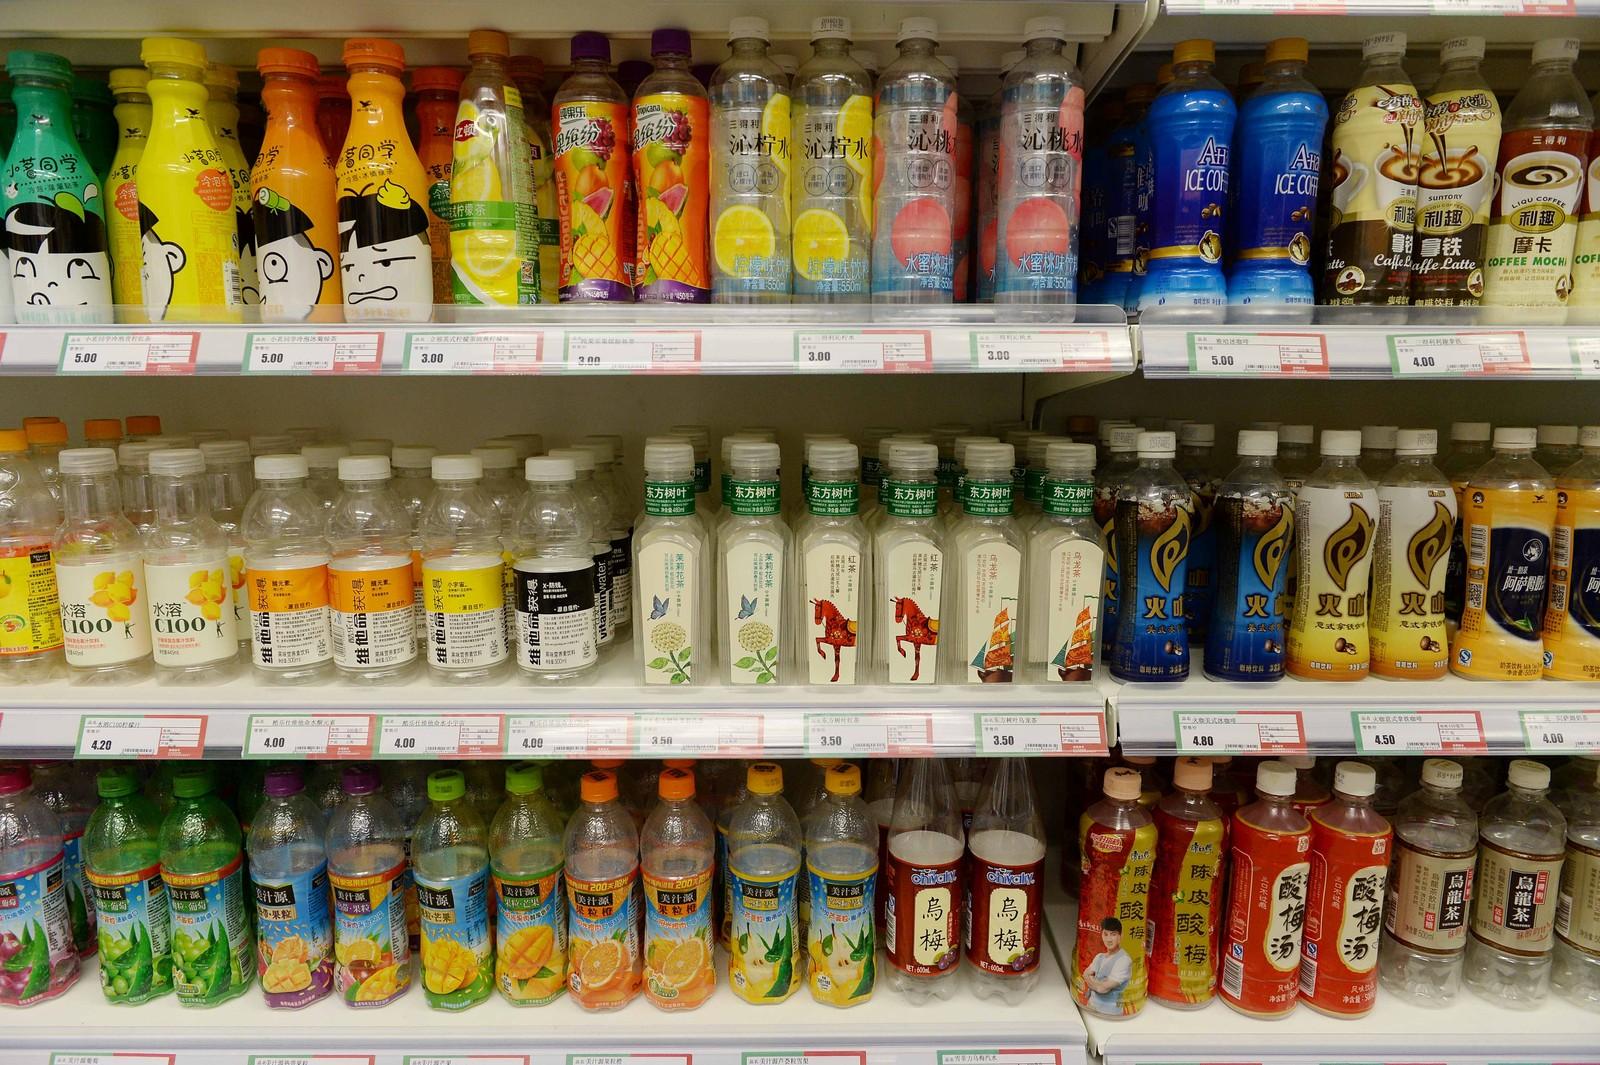 TOMROM: Tomme flasker står i butikkhyllene i Xu Zhen Supermarked i Changning-distriktet i Shanghai i Kina. «Dagligvarebutikken» åpnet 8. april og selger kun tom emballasje. Butikkens slagord er «fyll tomrommet» og målet er å få kundene til å tenke gjennom varenes egentlige verdi. Konseptet tar utgangspunkt i kunstner Xu Zhens kunstprosjekt, som debuterte under Art Basel Miami Beach i 2007 og er blitt vist ved en rekke kunstmuseer verden over.